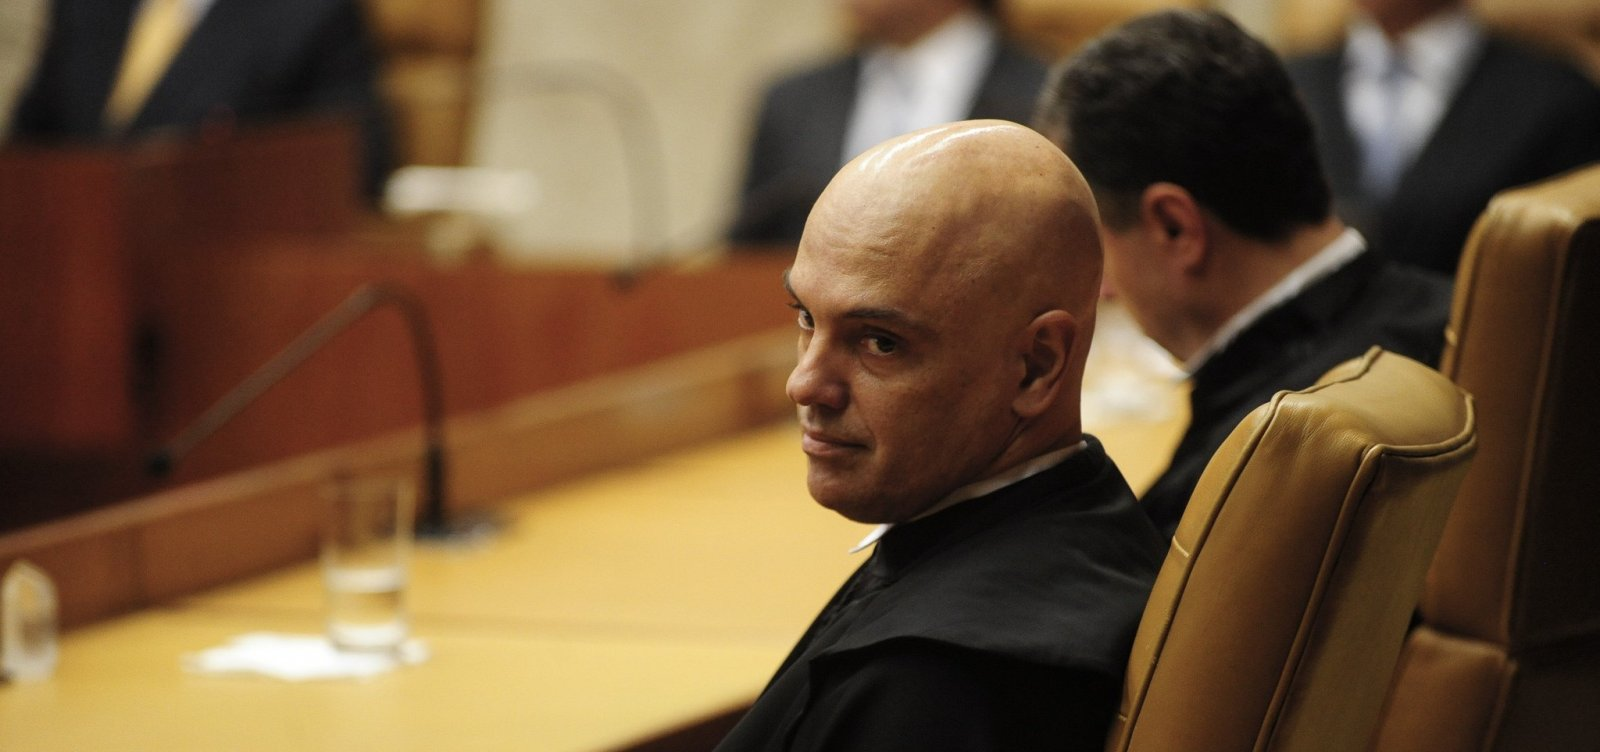 [Alexandre de Moraes solicita investigação sobre fala de Eduardo Bolsonaro sobre fechamento do STF]